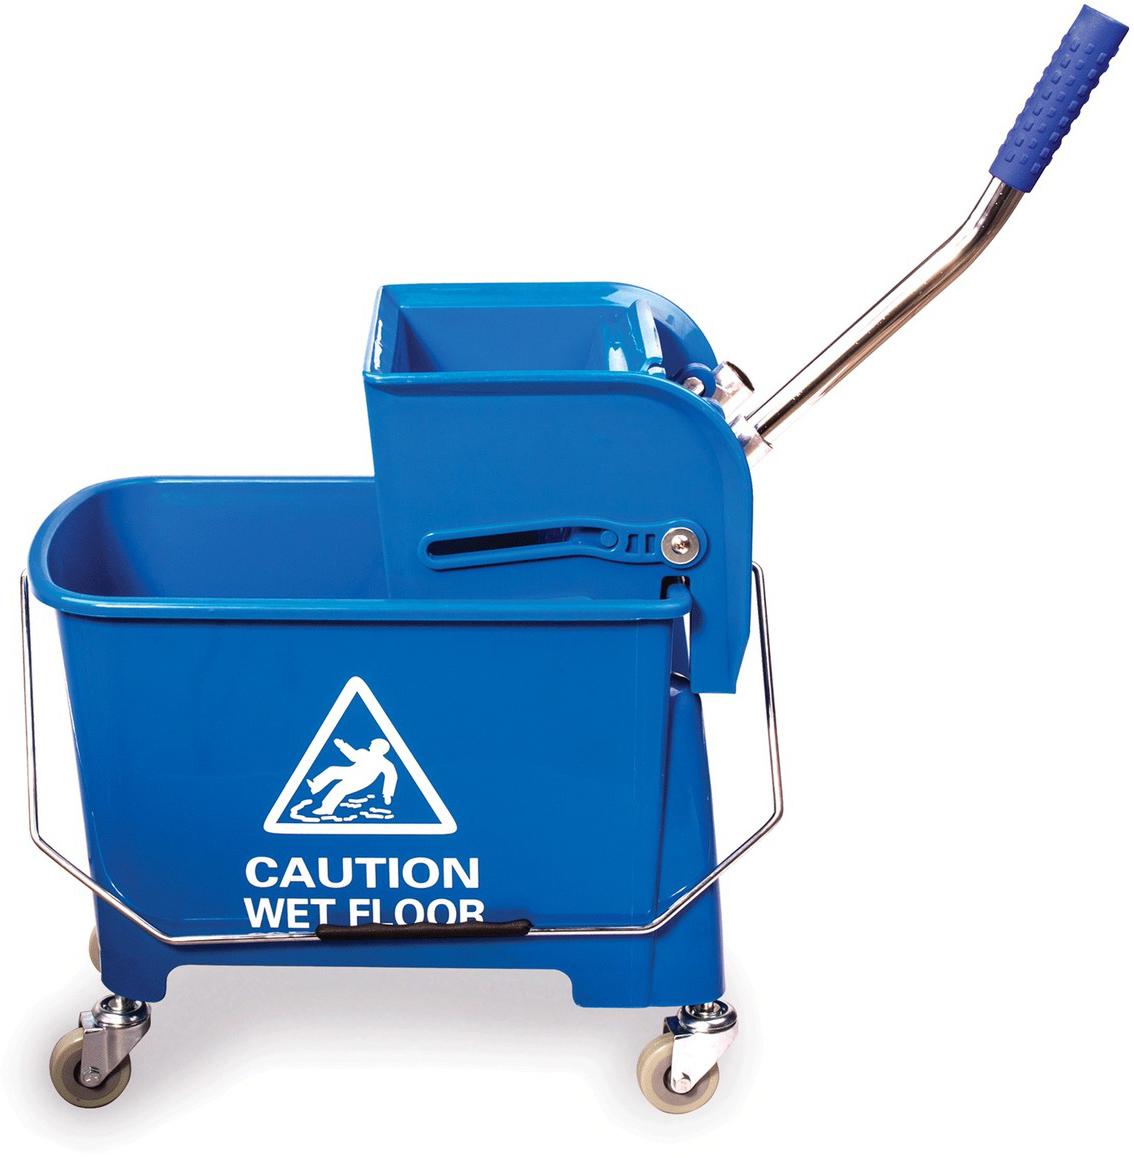 Тележка для уборки Лайма Проф, с механическим отжимом, цвет: синий601497Тележка-ведро уборочная предназначена для проведения влажной уборки в небольших помещениях. Представляет собой ведро с двумя отделениями и установленным сверху механическим отжимом. Изготовлена из прочного пластика.